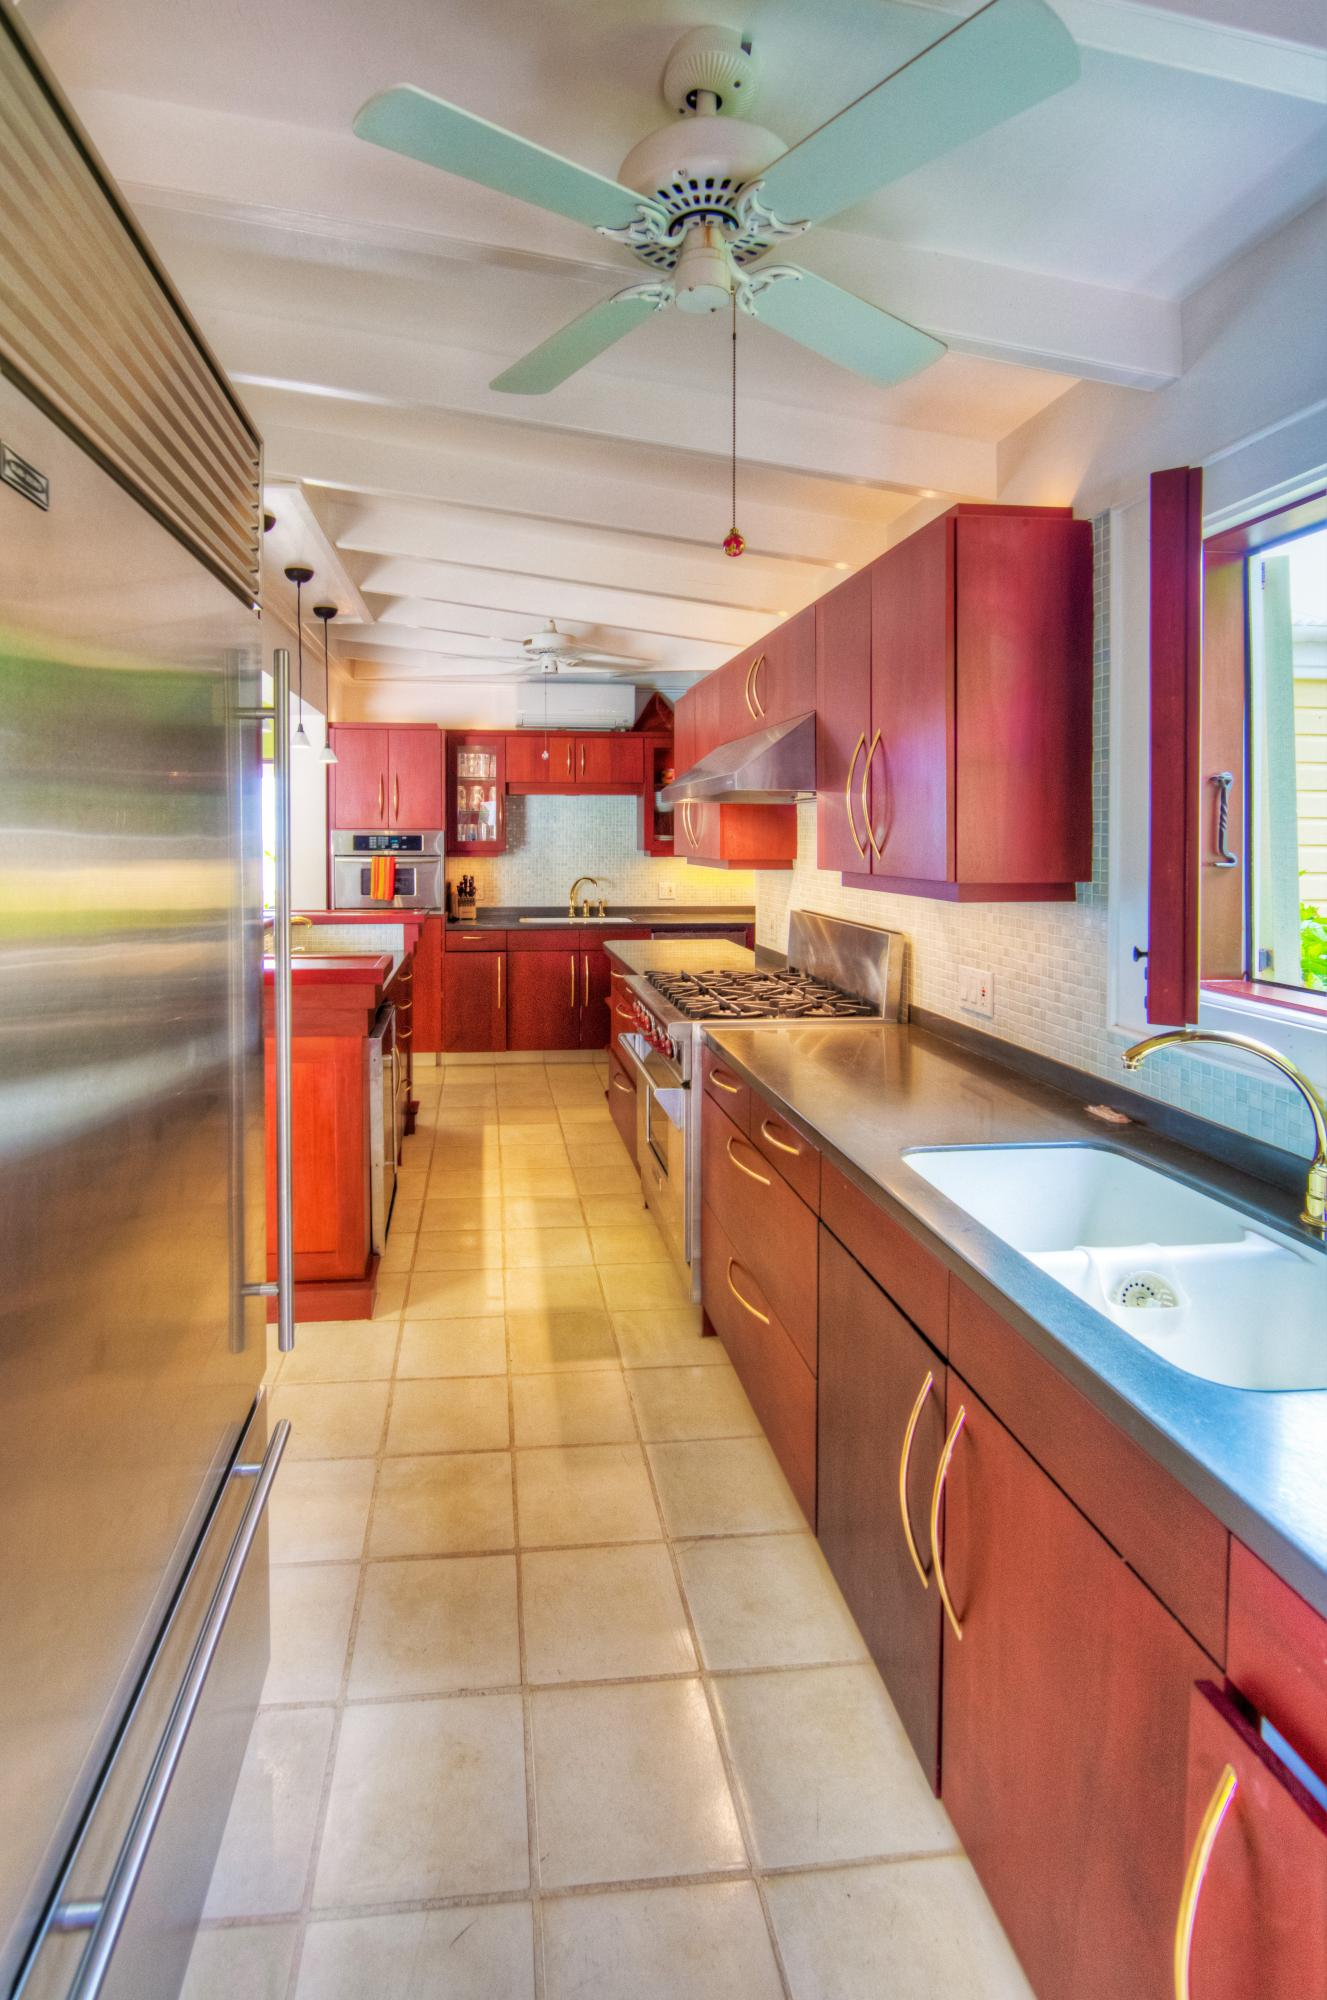 Sub Zero & Stainless Steel Appliances